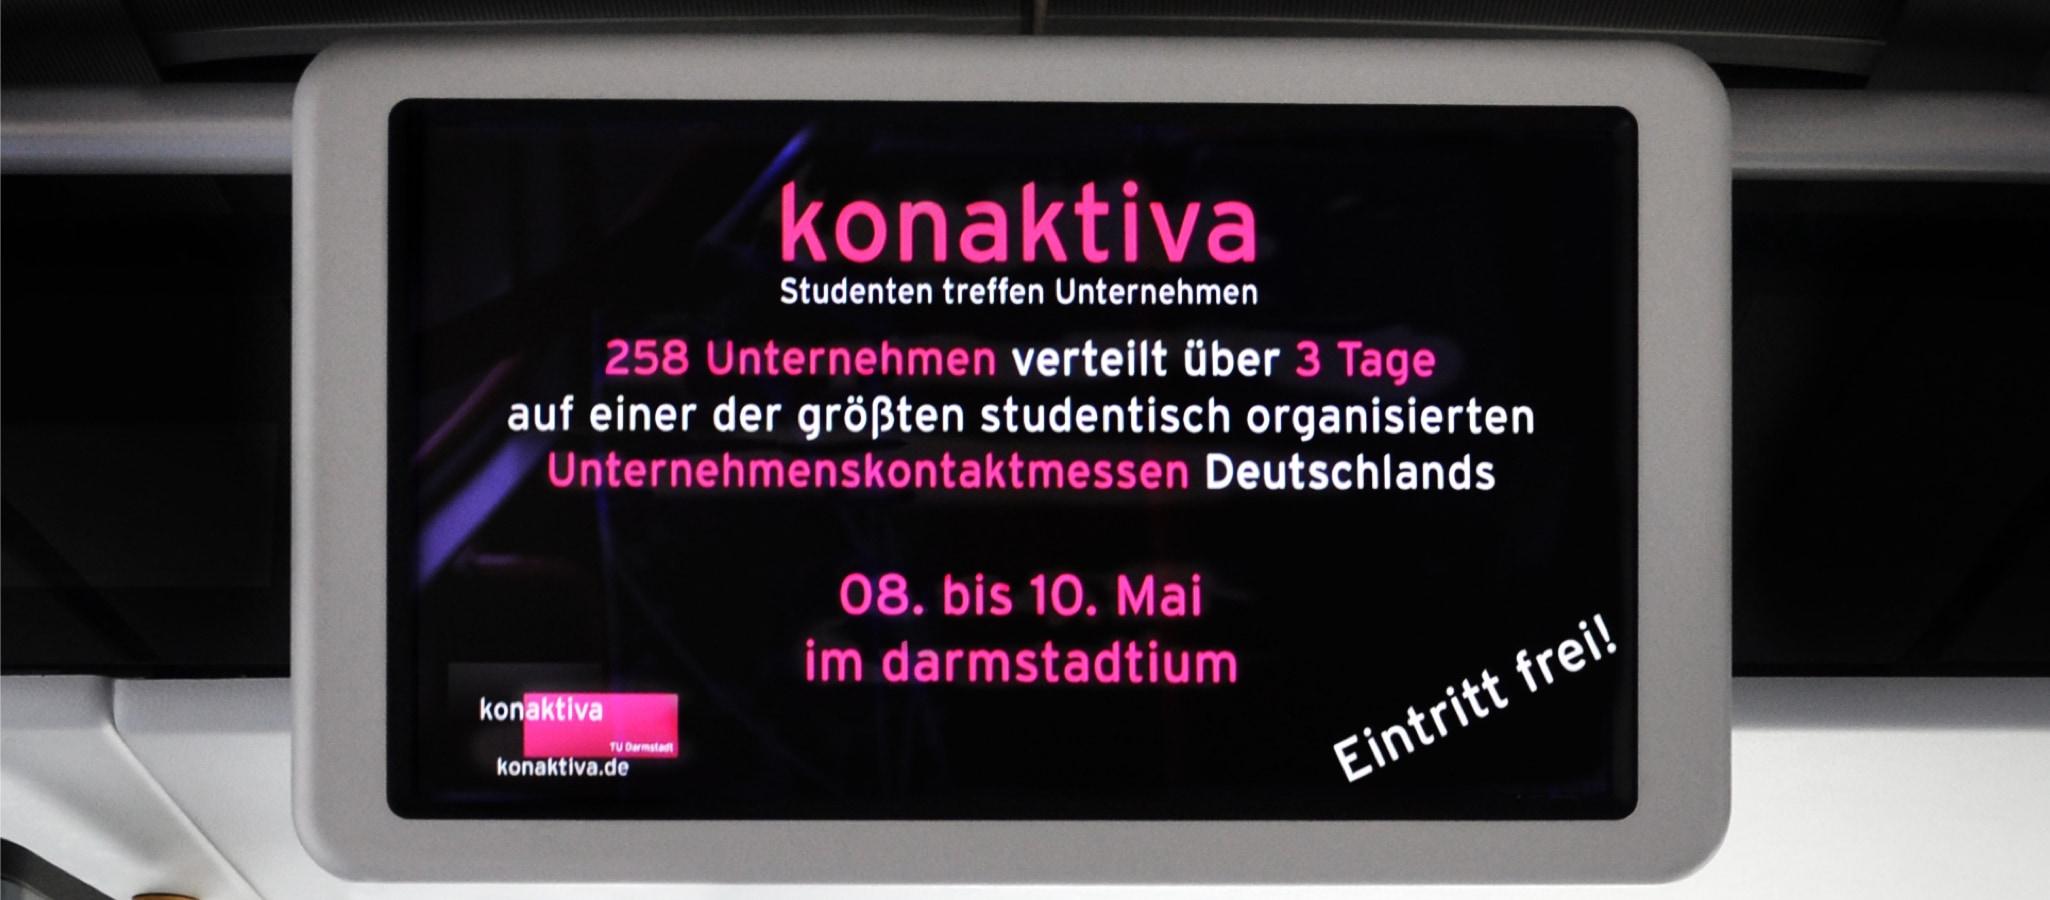 01_KWS_Bildschirmwerbung_konaktiva_3